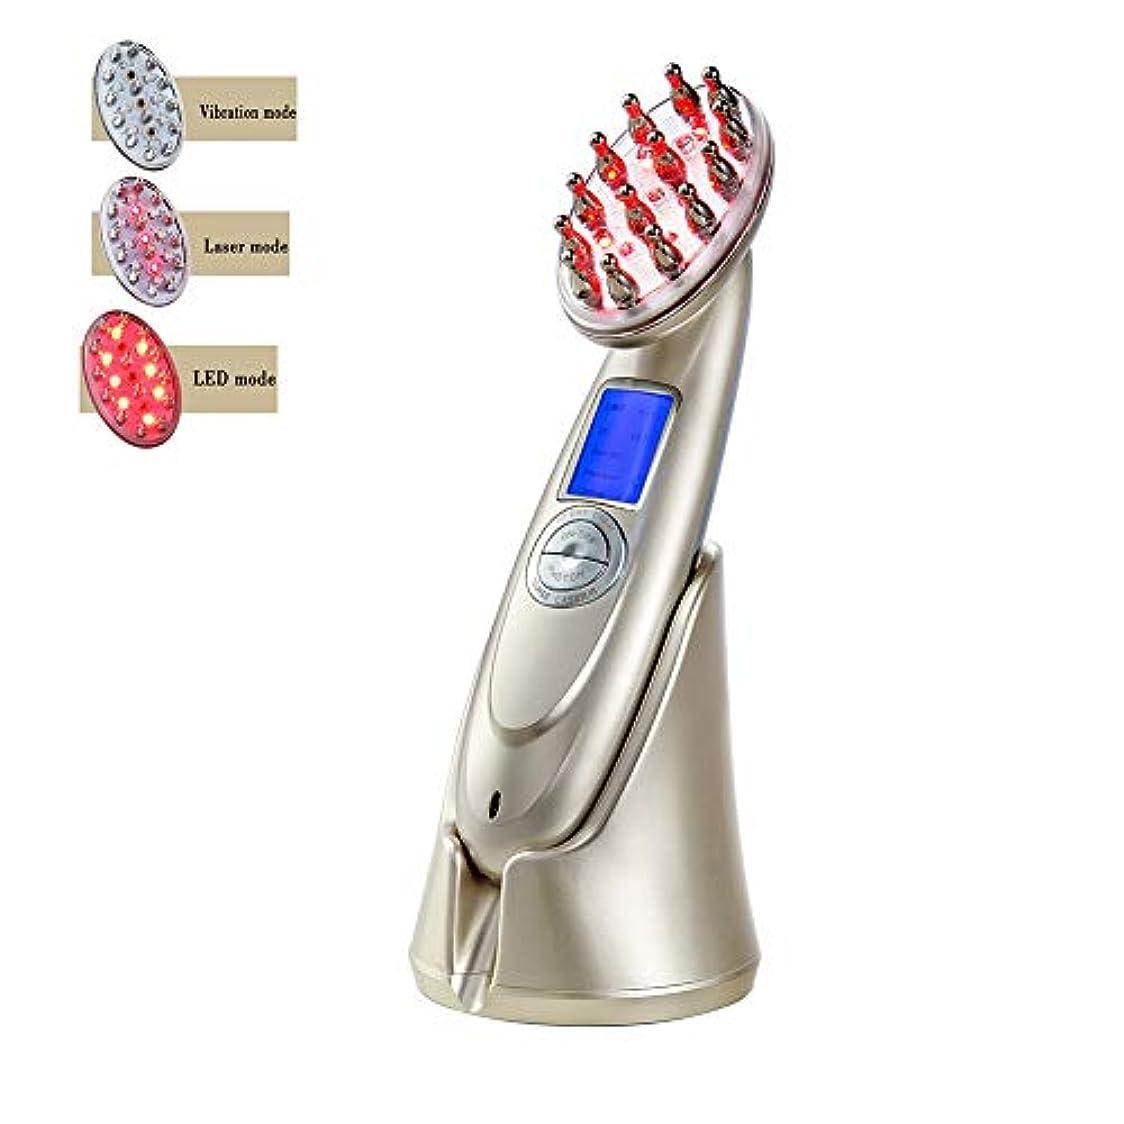 プロフェッショナルコードレス取り付けプロの電気髪成長レーザー櫛 RF EMS LED 光子光療法ブラシ抗脱毛治療マッサージヘア再生ブラシ